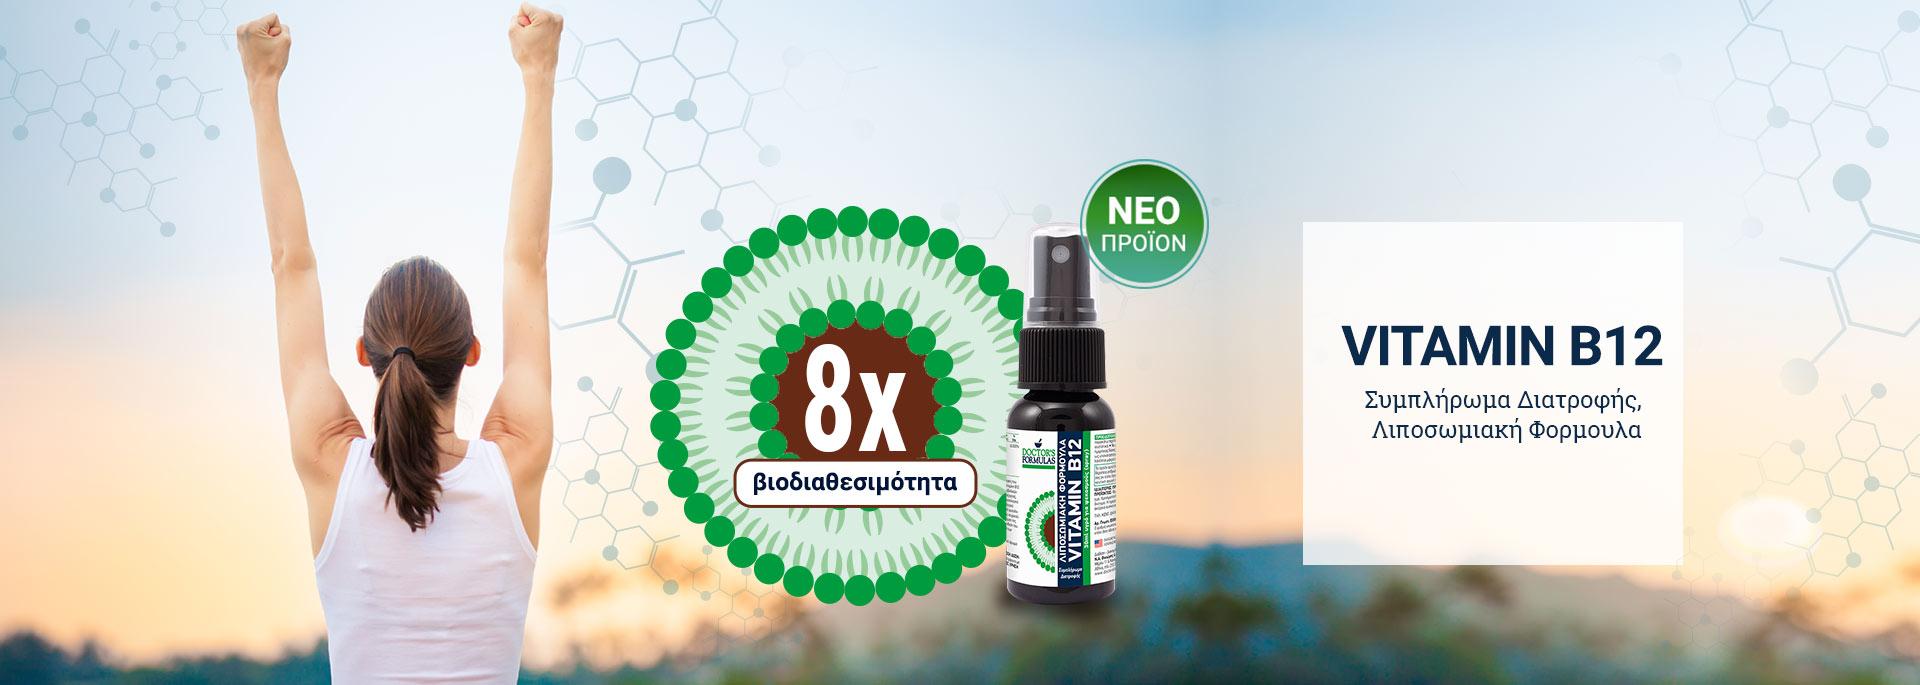 Βιταμίνη Β12 - Νέα Λιποσωμιακή Φόρμουλα